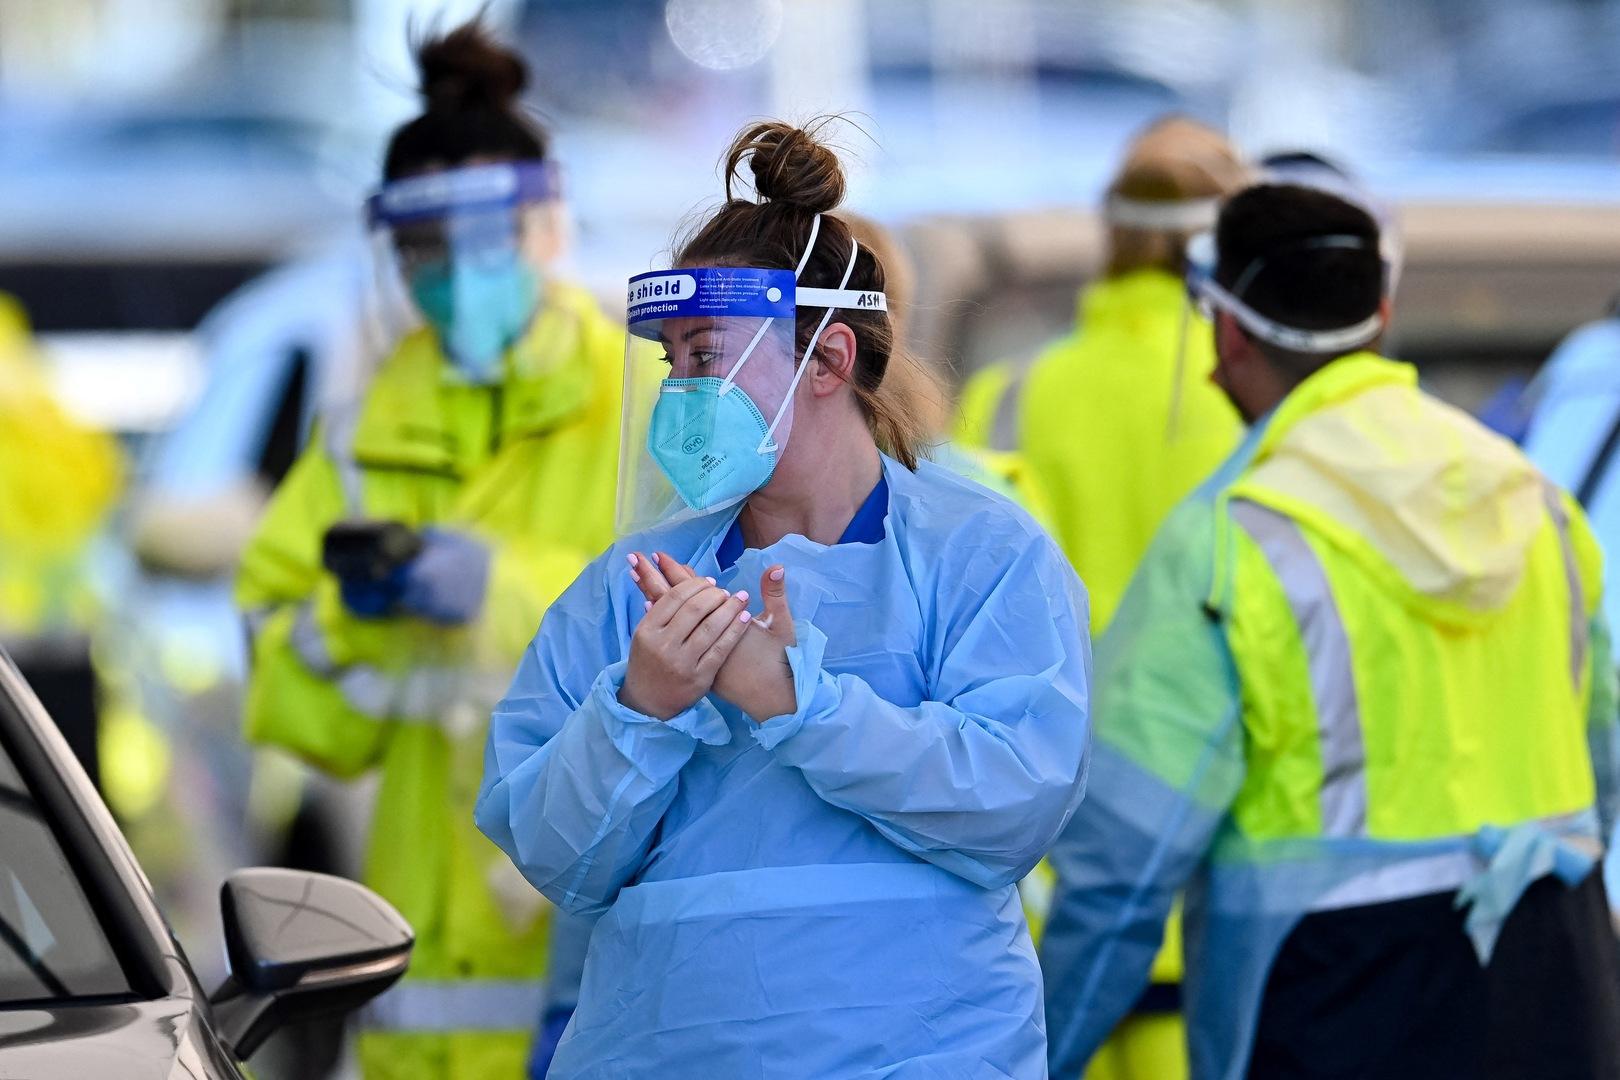 منظمة الصحة العالمية: سلالة دلتا  من فيروس كورونا اكتشفت في 111 دولة وإقليم